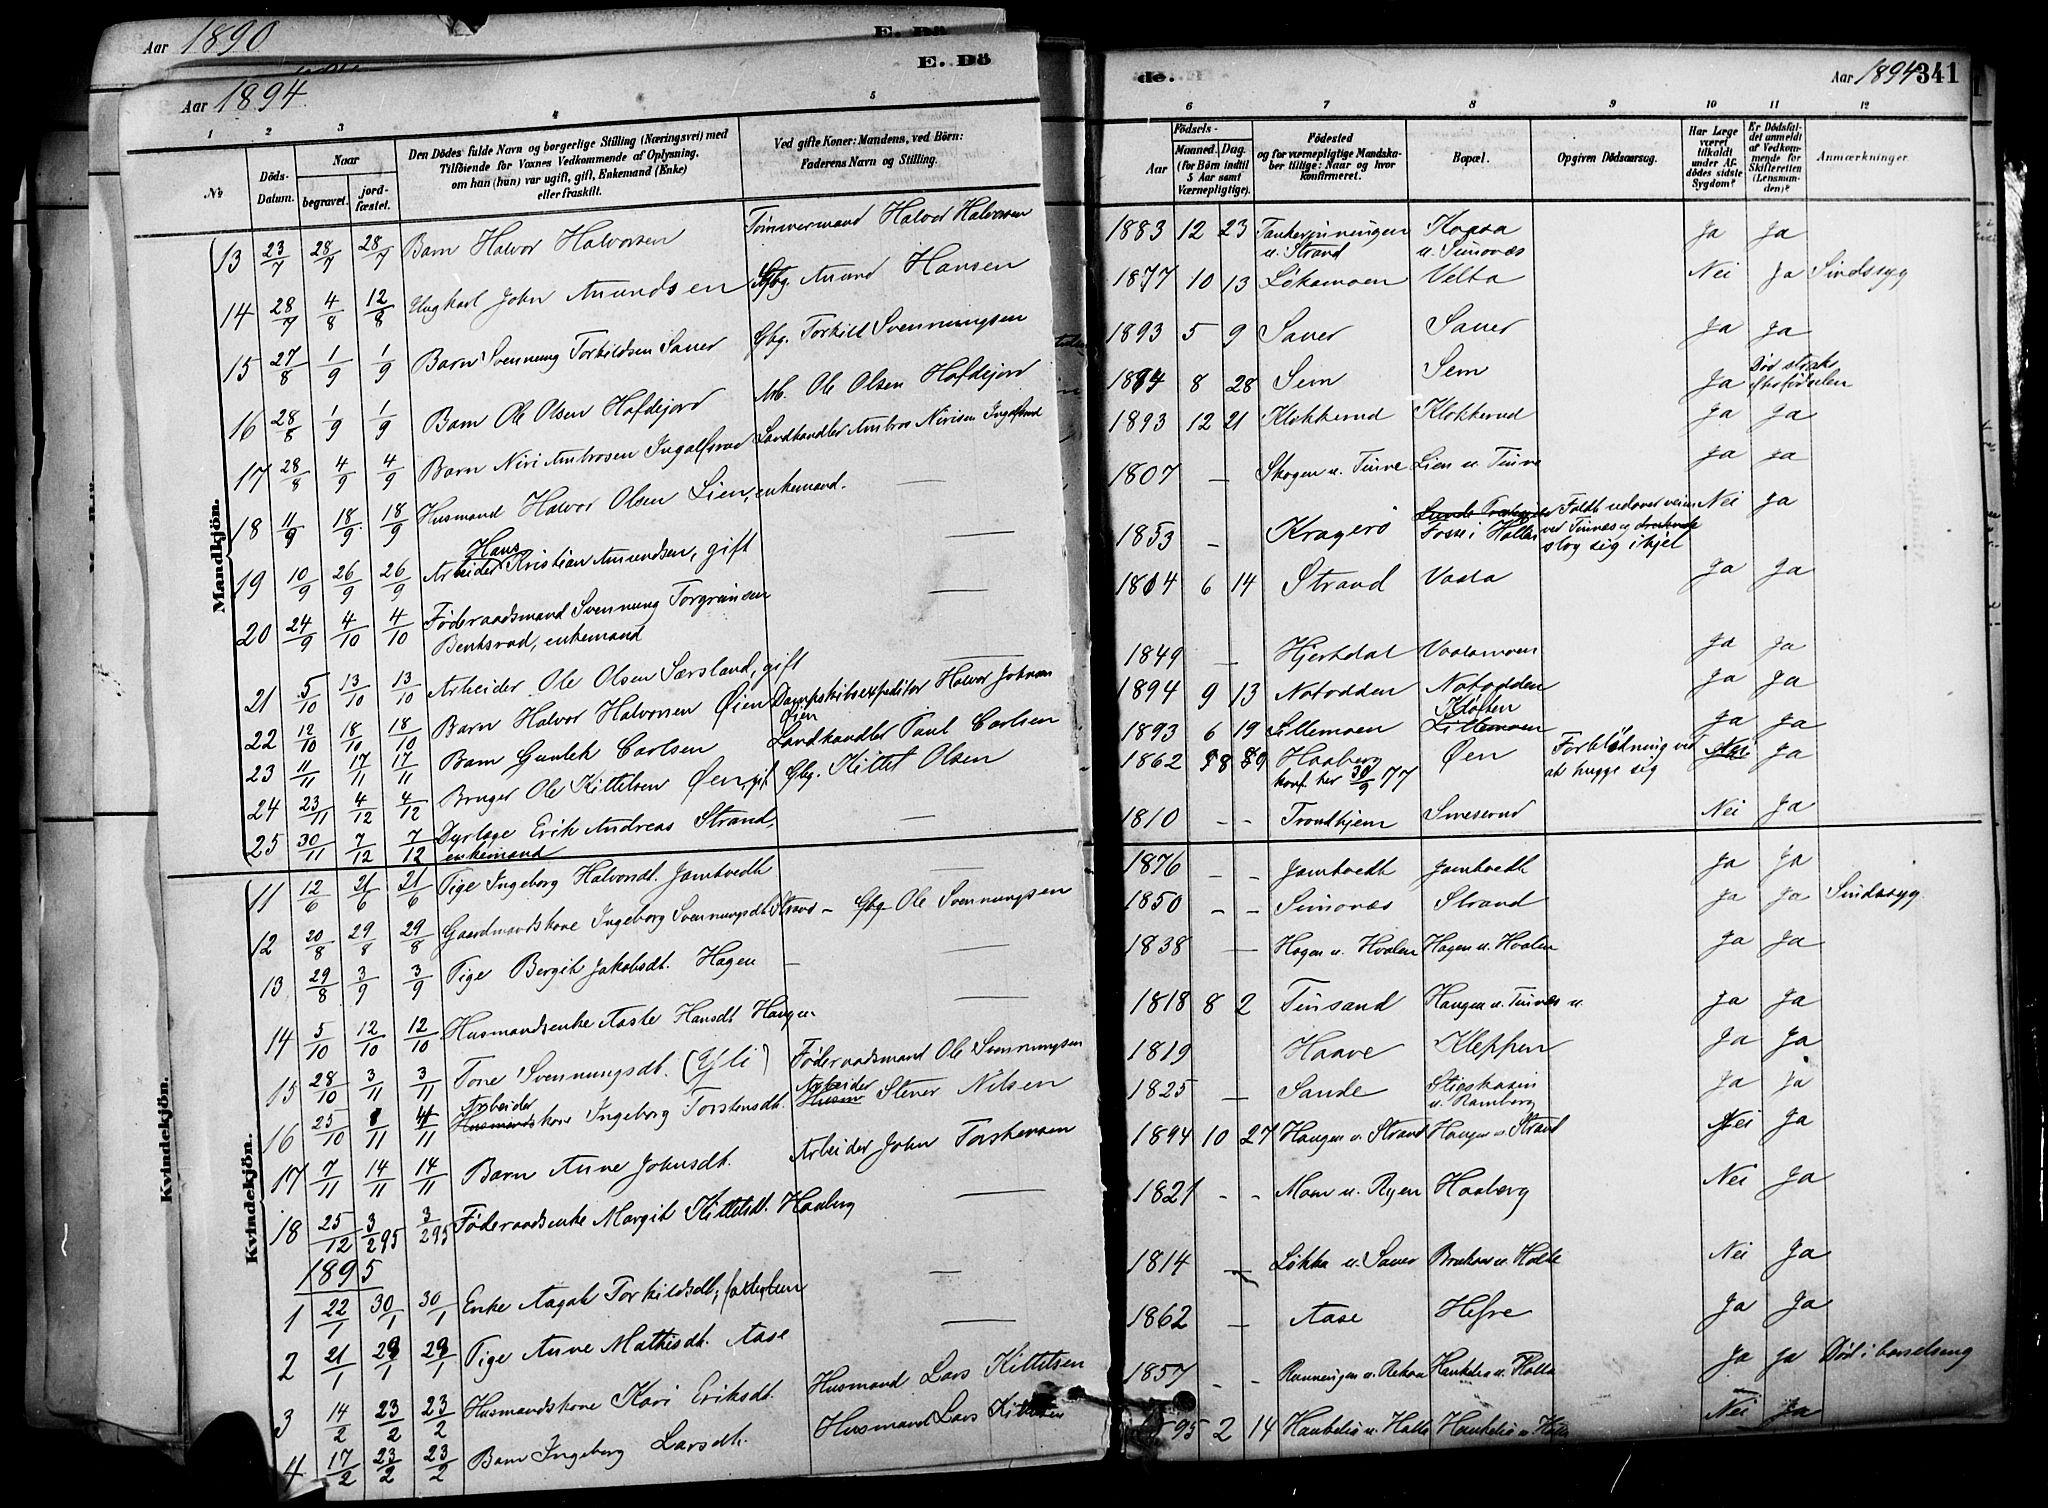 SAKO, Heddal kirkebøker, F/Fa/L0008: Ministerialbok nr. I 8, 1878-1903, s. 341